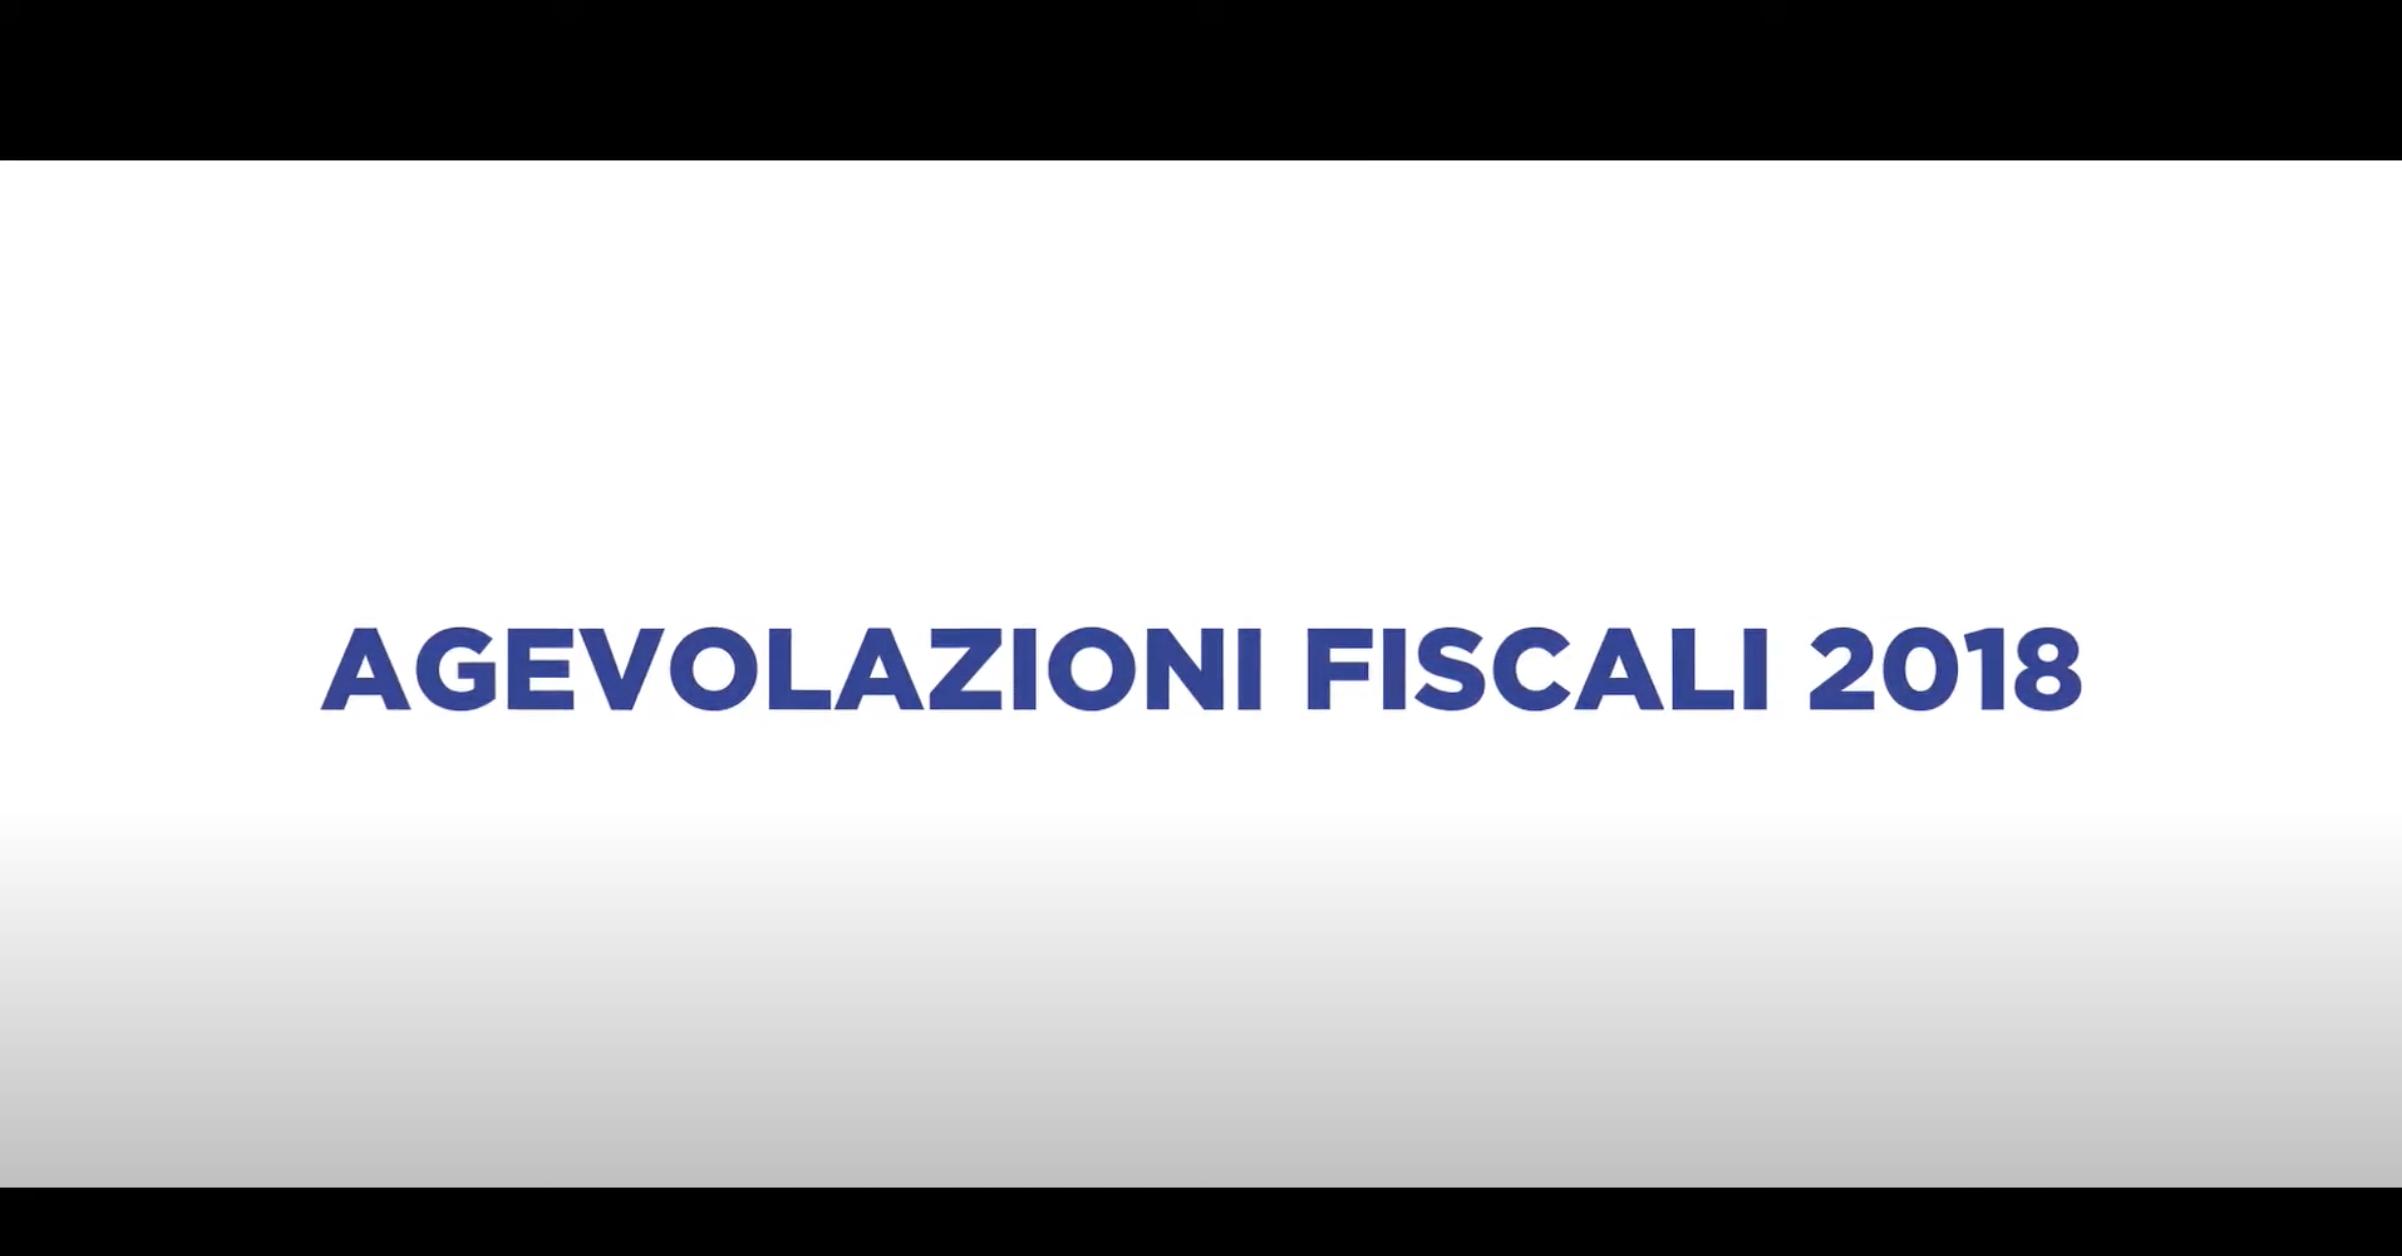 AGEVOLAZIONI FISCALI 2018